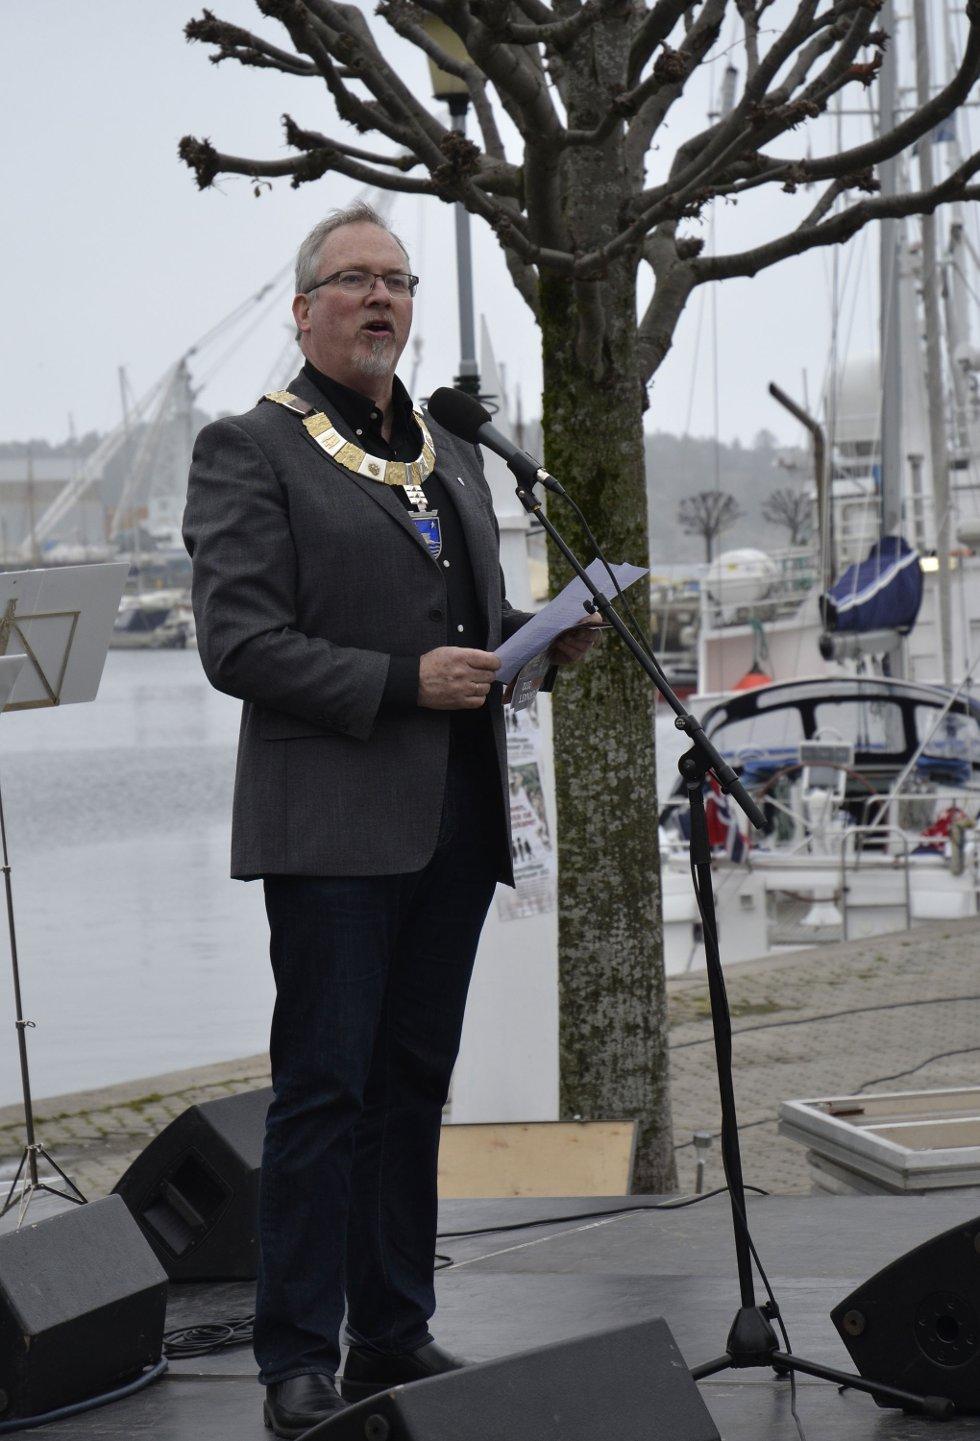 Ordfører Per K. Lunden gjorde sin tale kort og god under åpningen av årets kulturnatt.